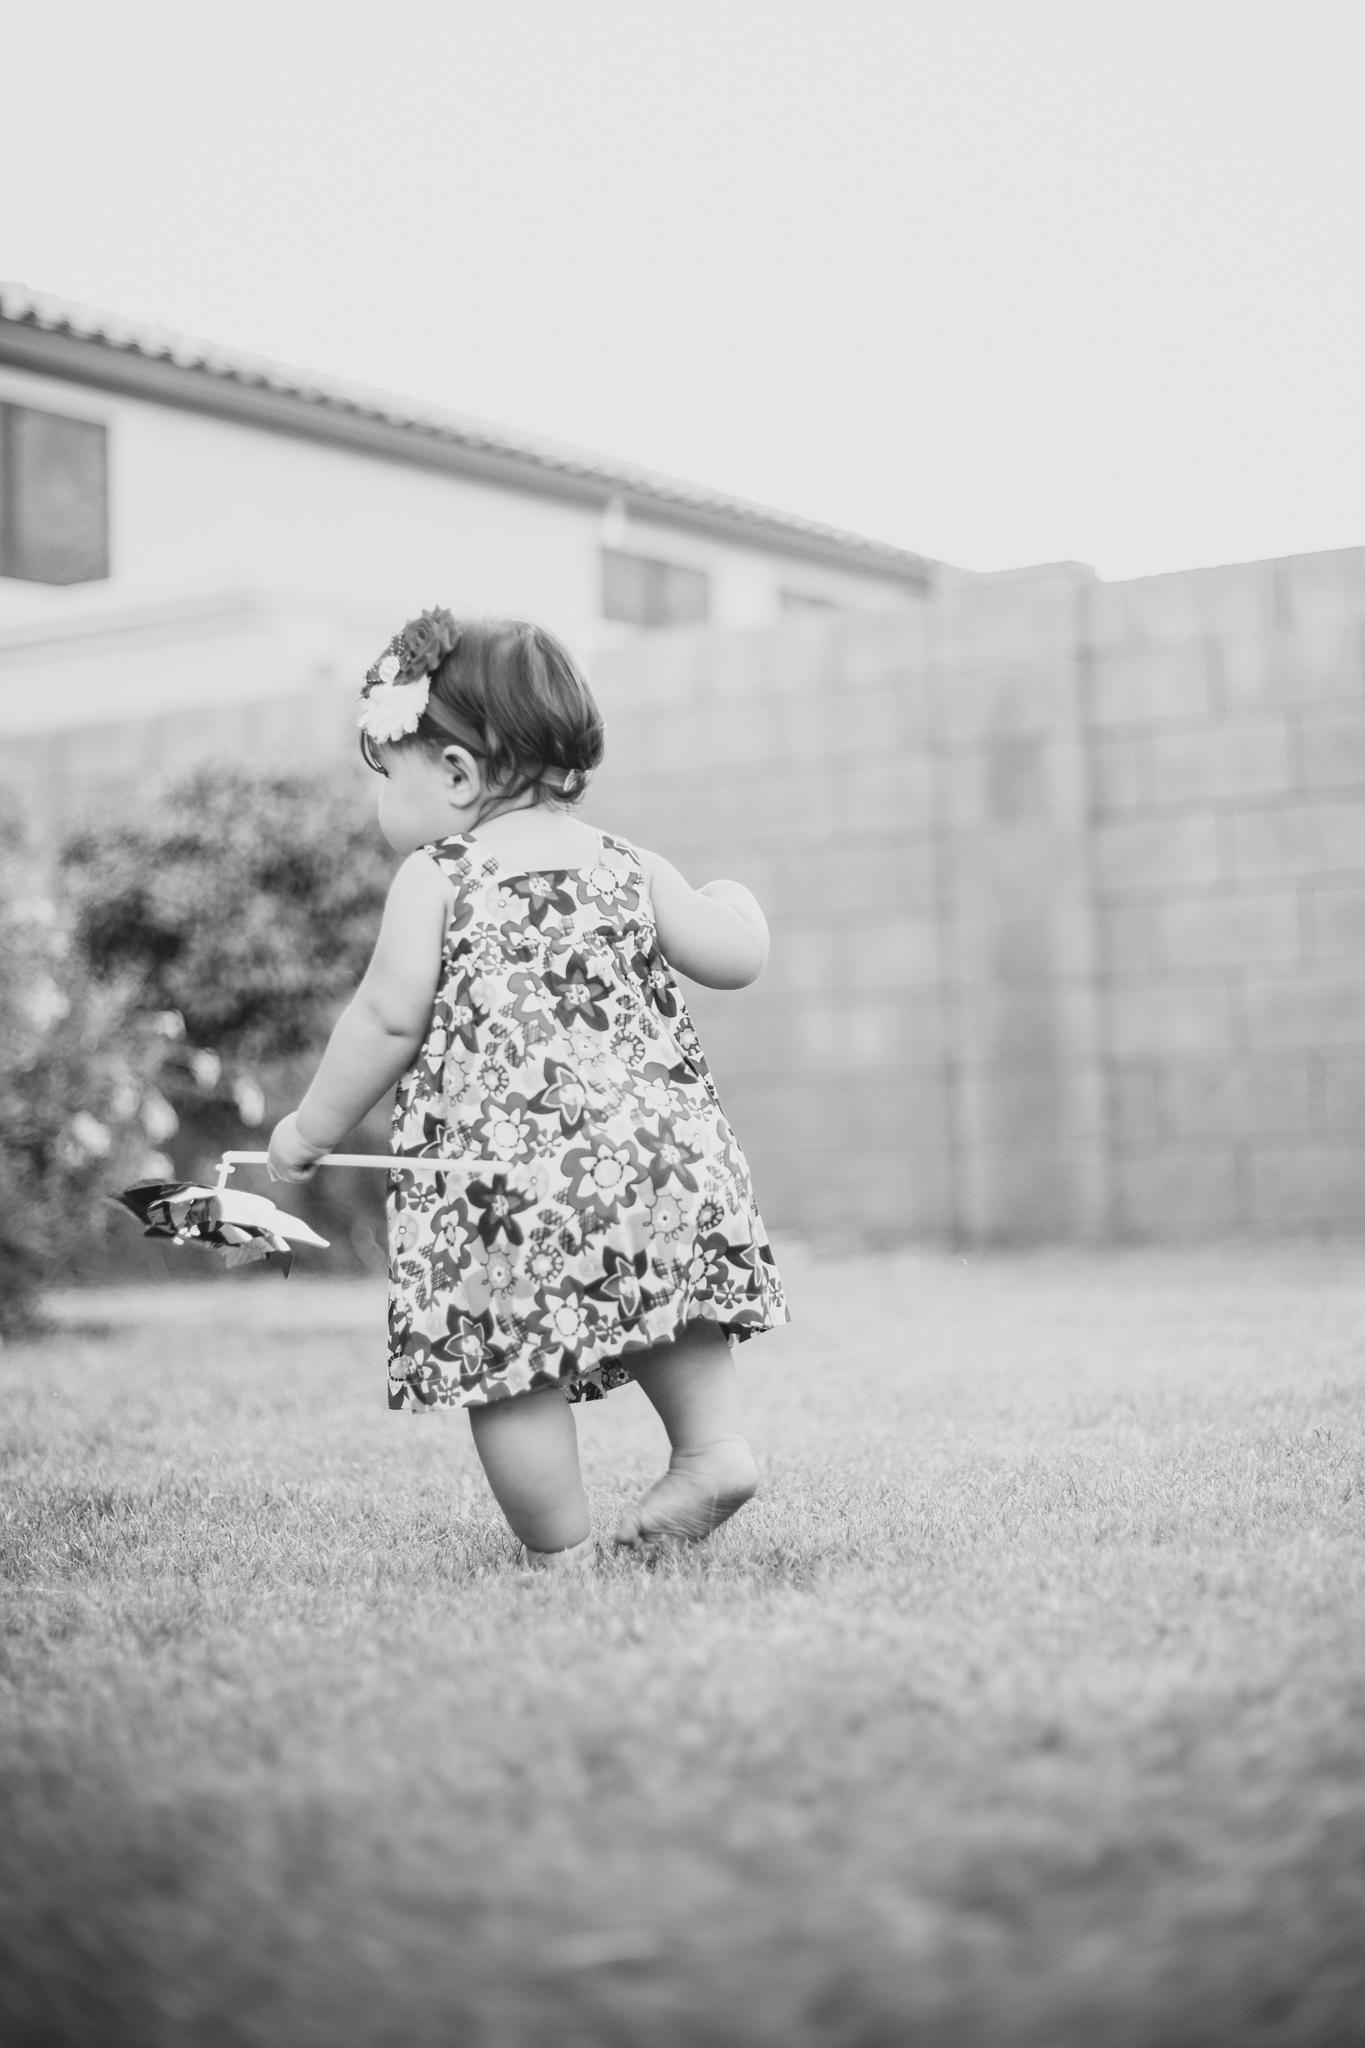 mar-baby-birthday-photo-shoot-black-and-white